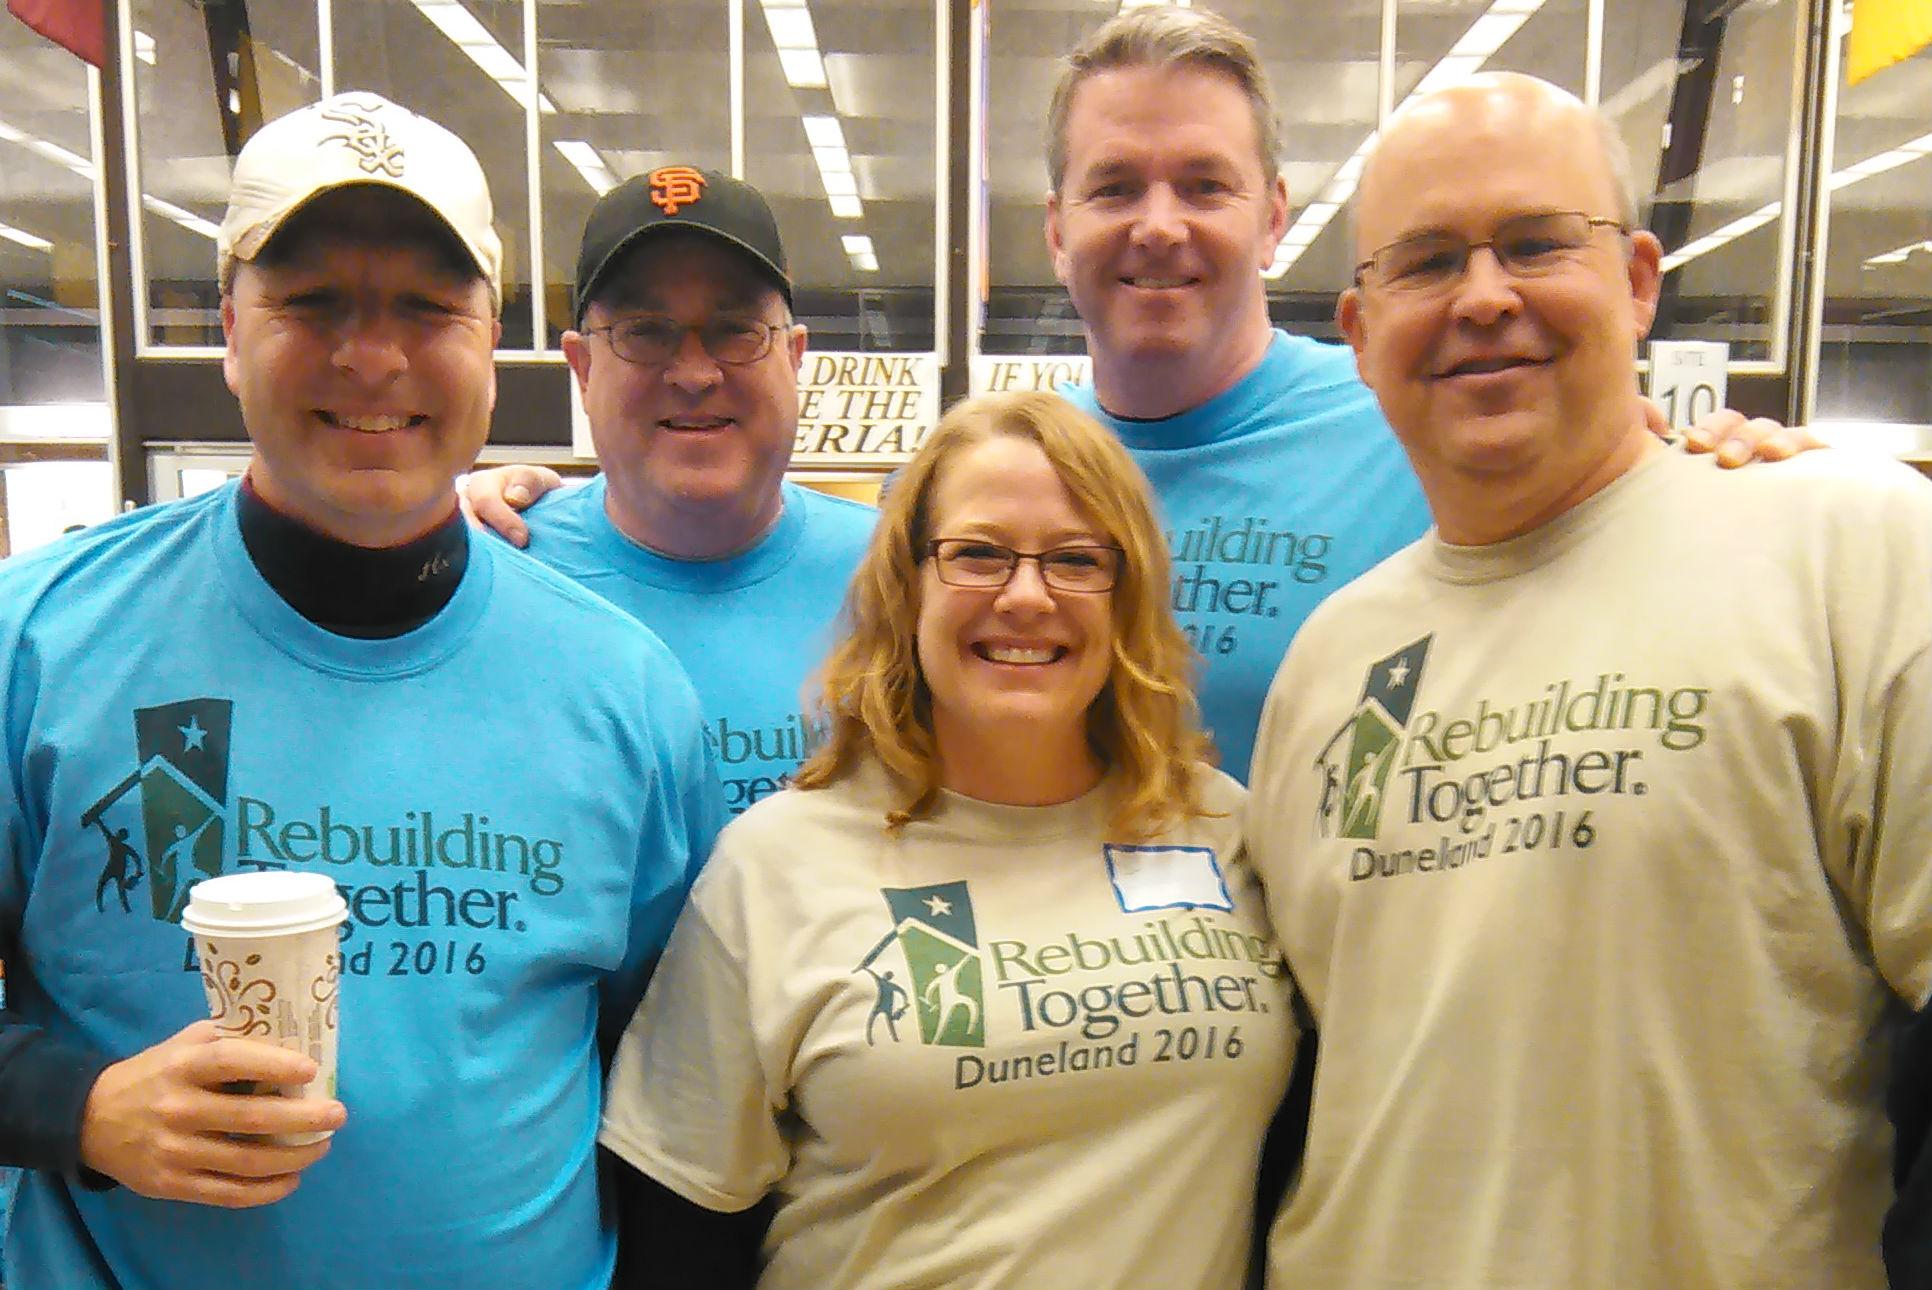 Community Comes Together for Rebuilding Together Duneland